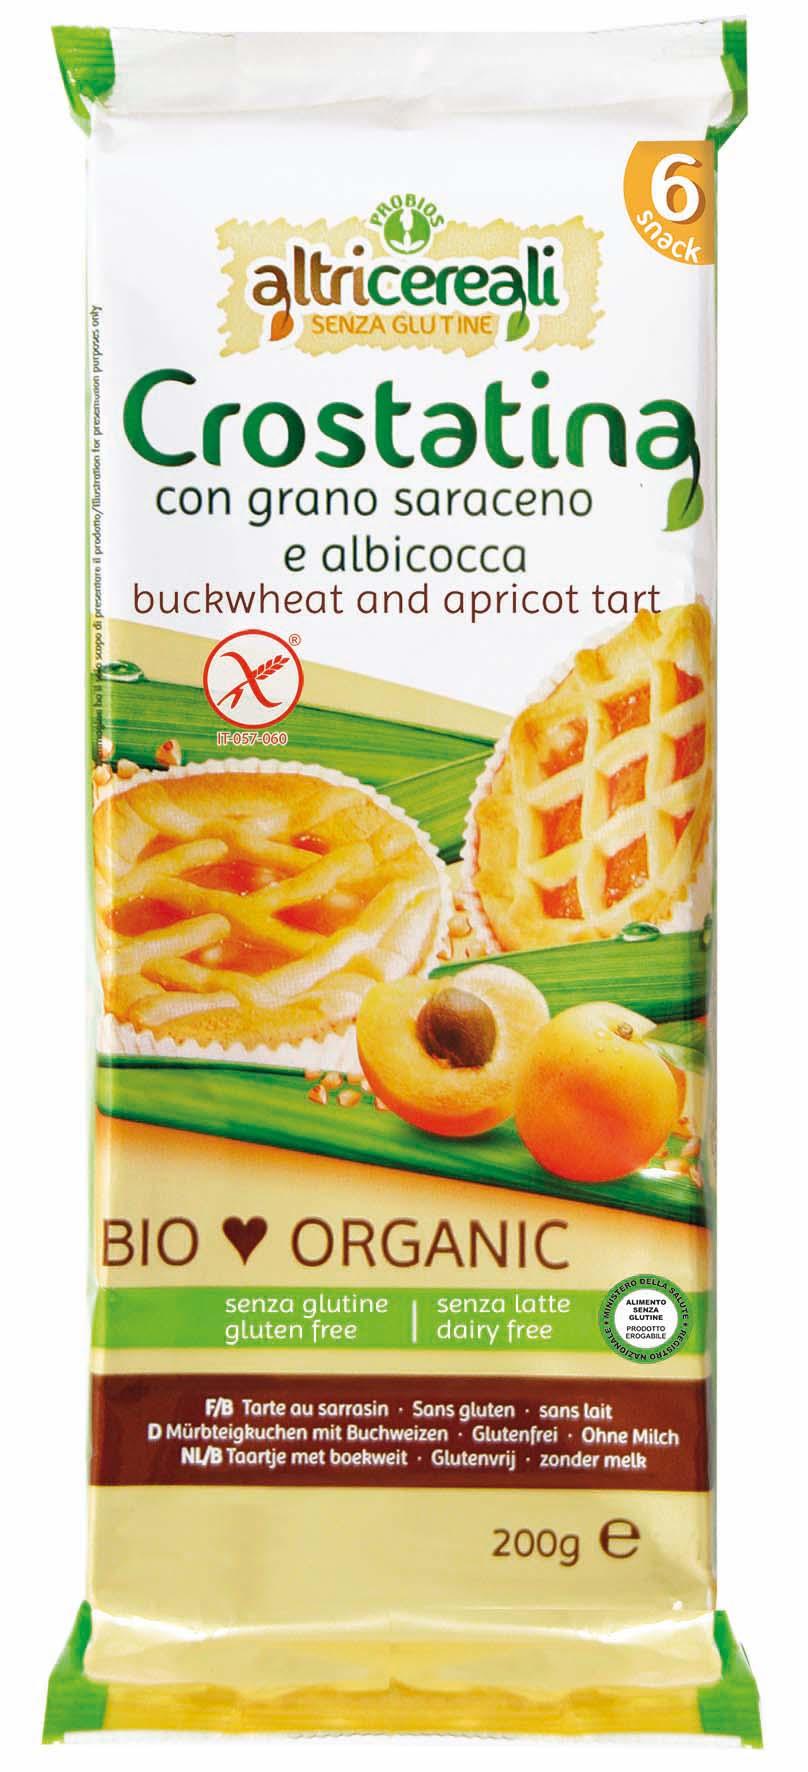 Altri Cereali Crostatina Con Grano Saraceno E Albicocca Senza Glutine 200g